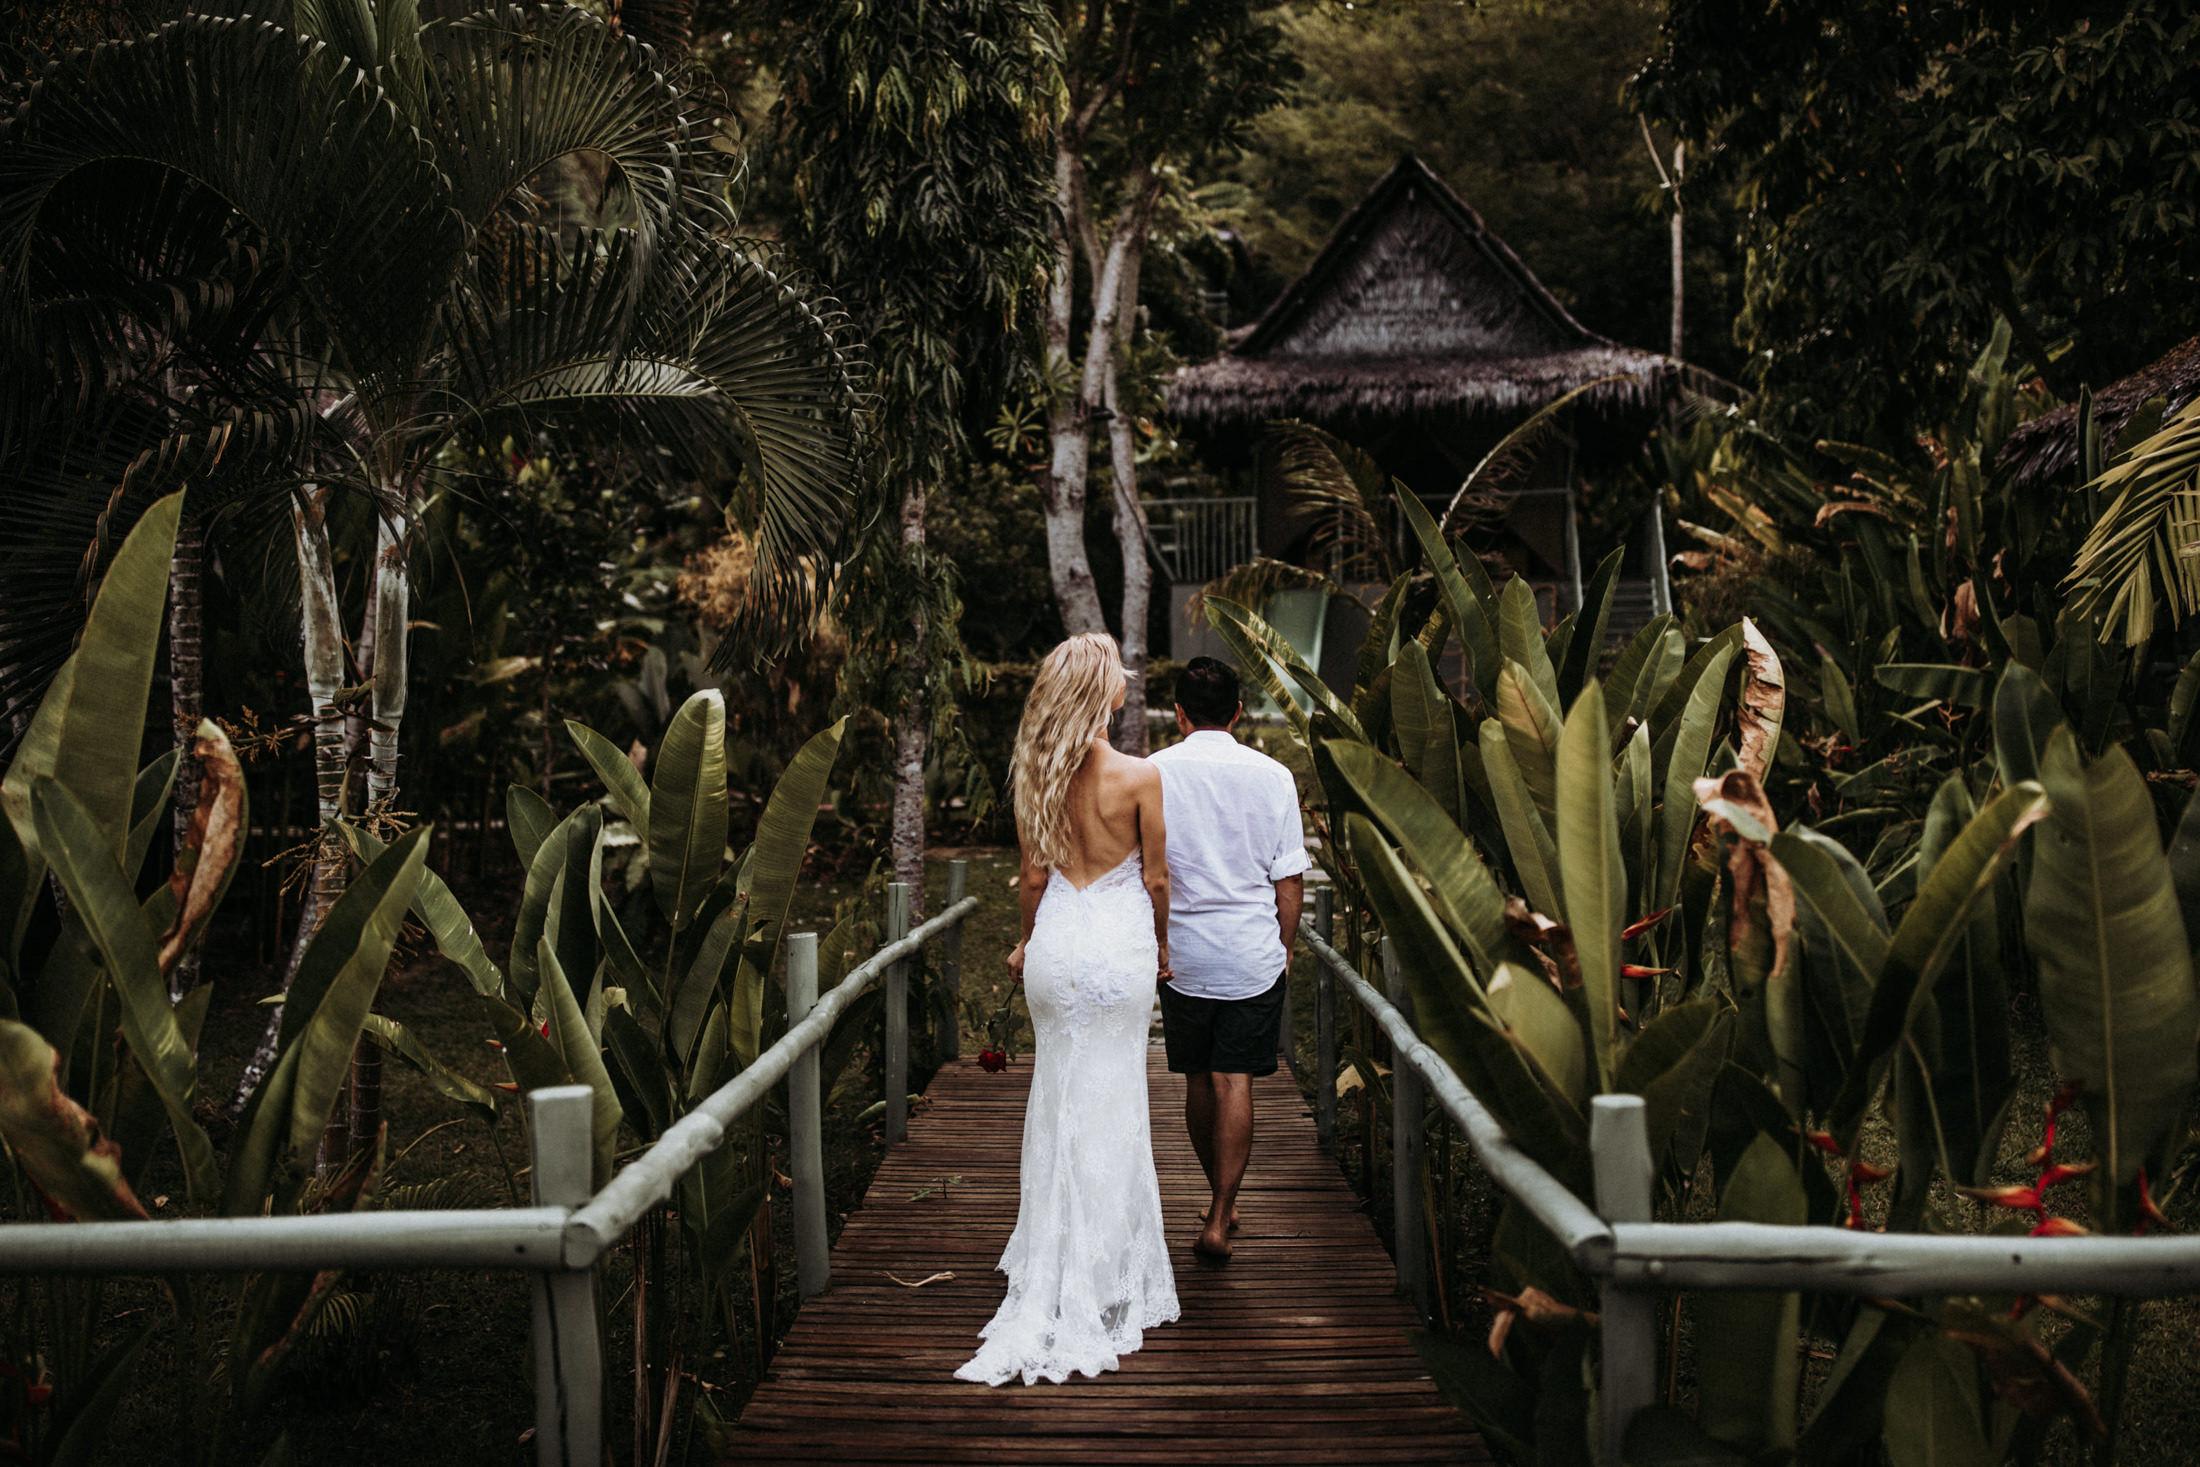 DanielaMarquardt_Wedding_Thailand_487